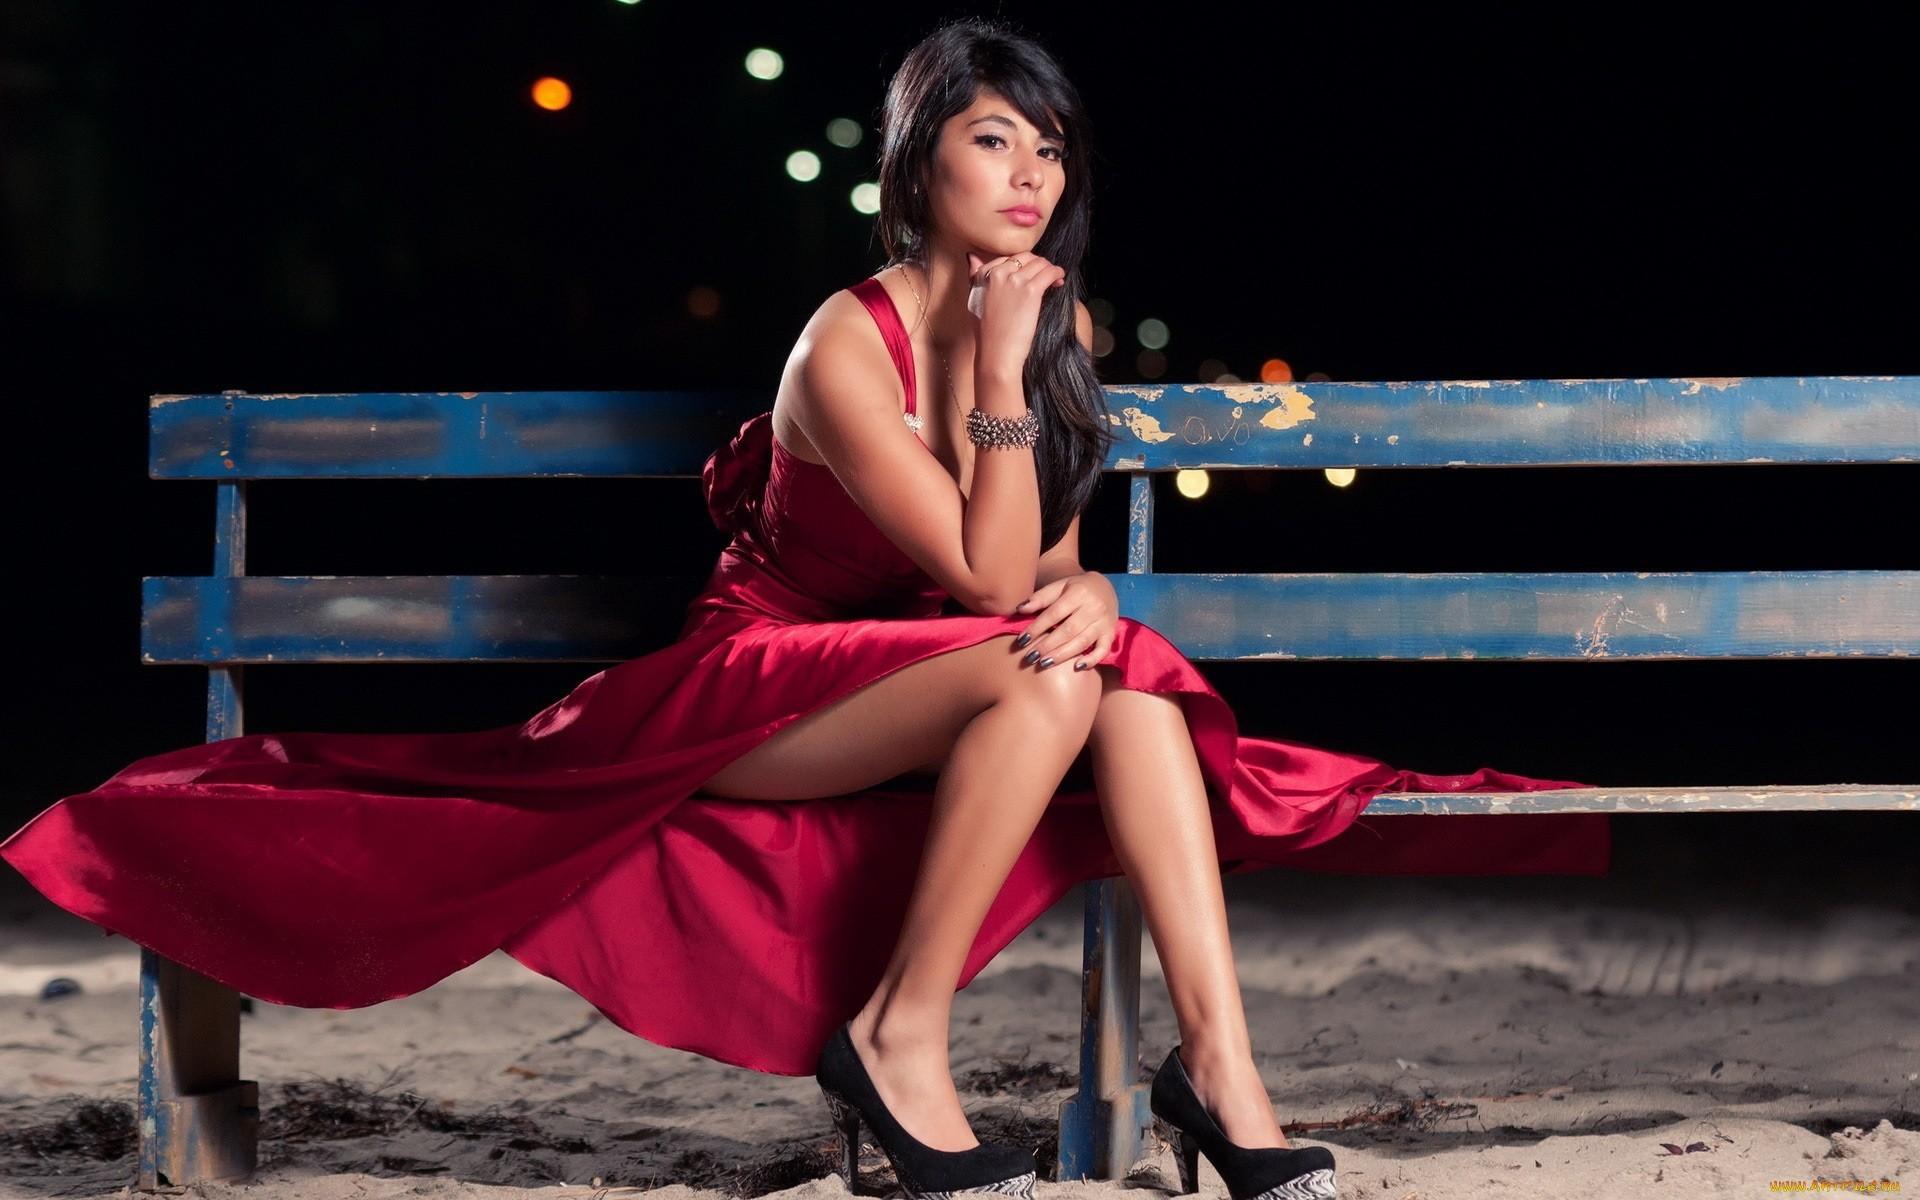 двое сидели сексуальные девушки в красном платье на скамейке быть